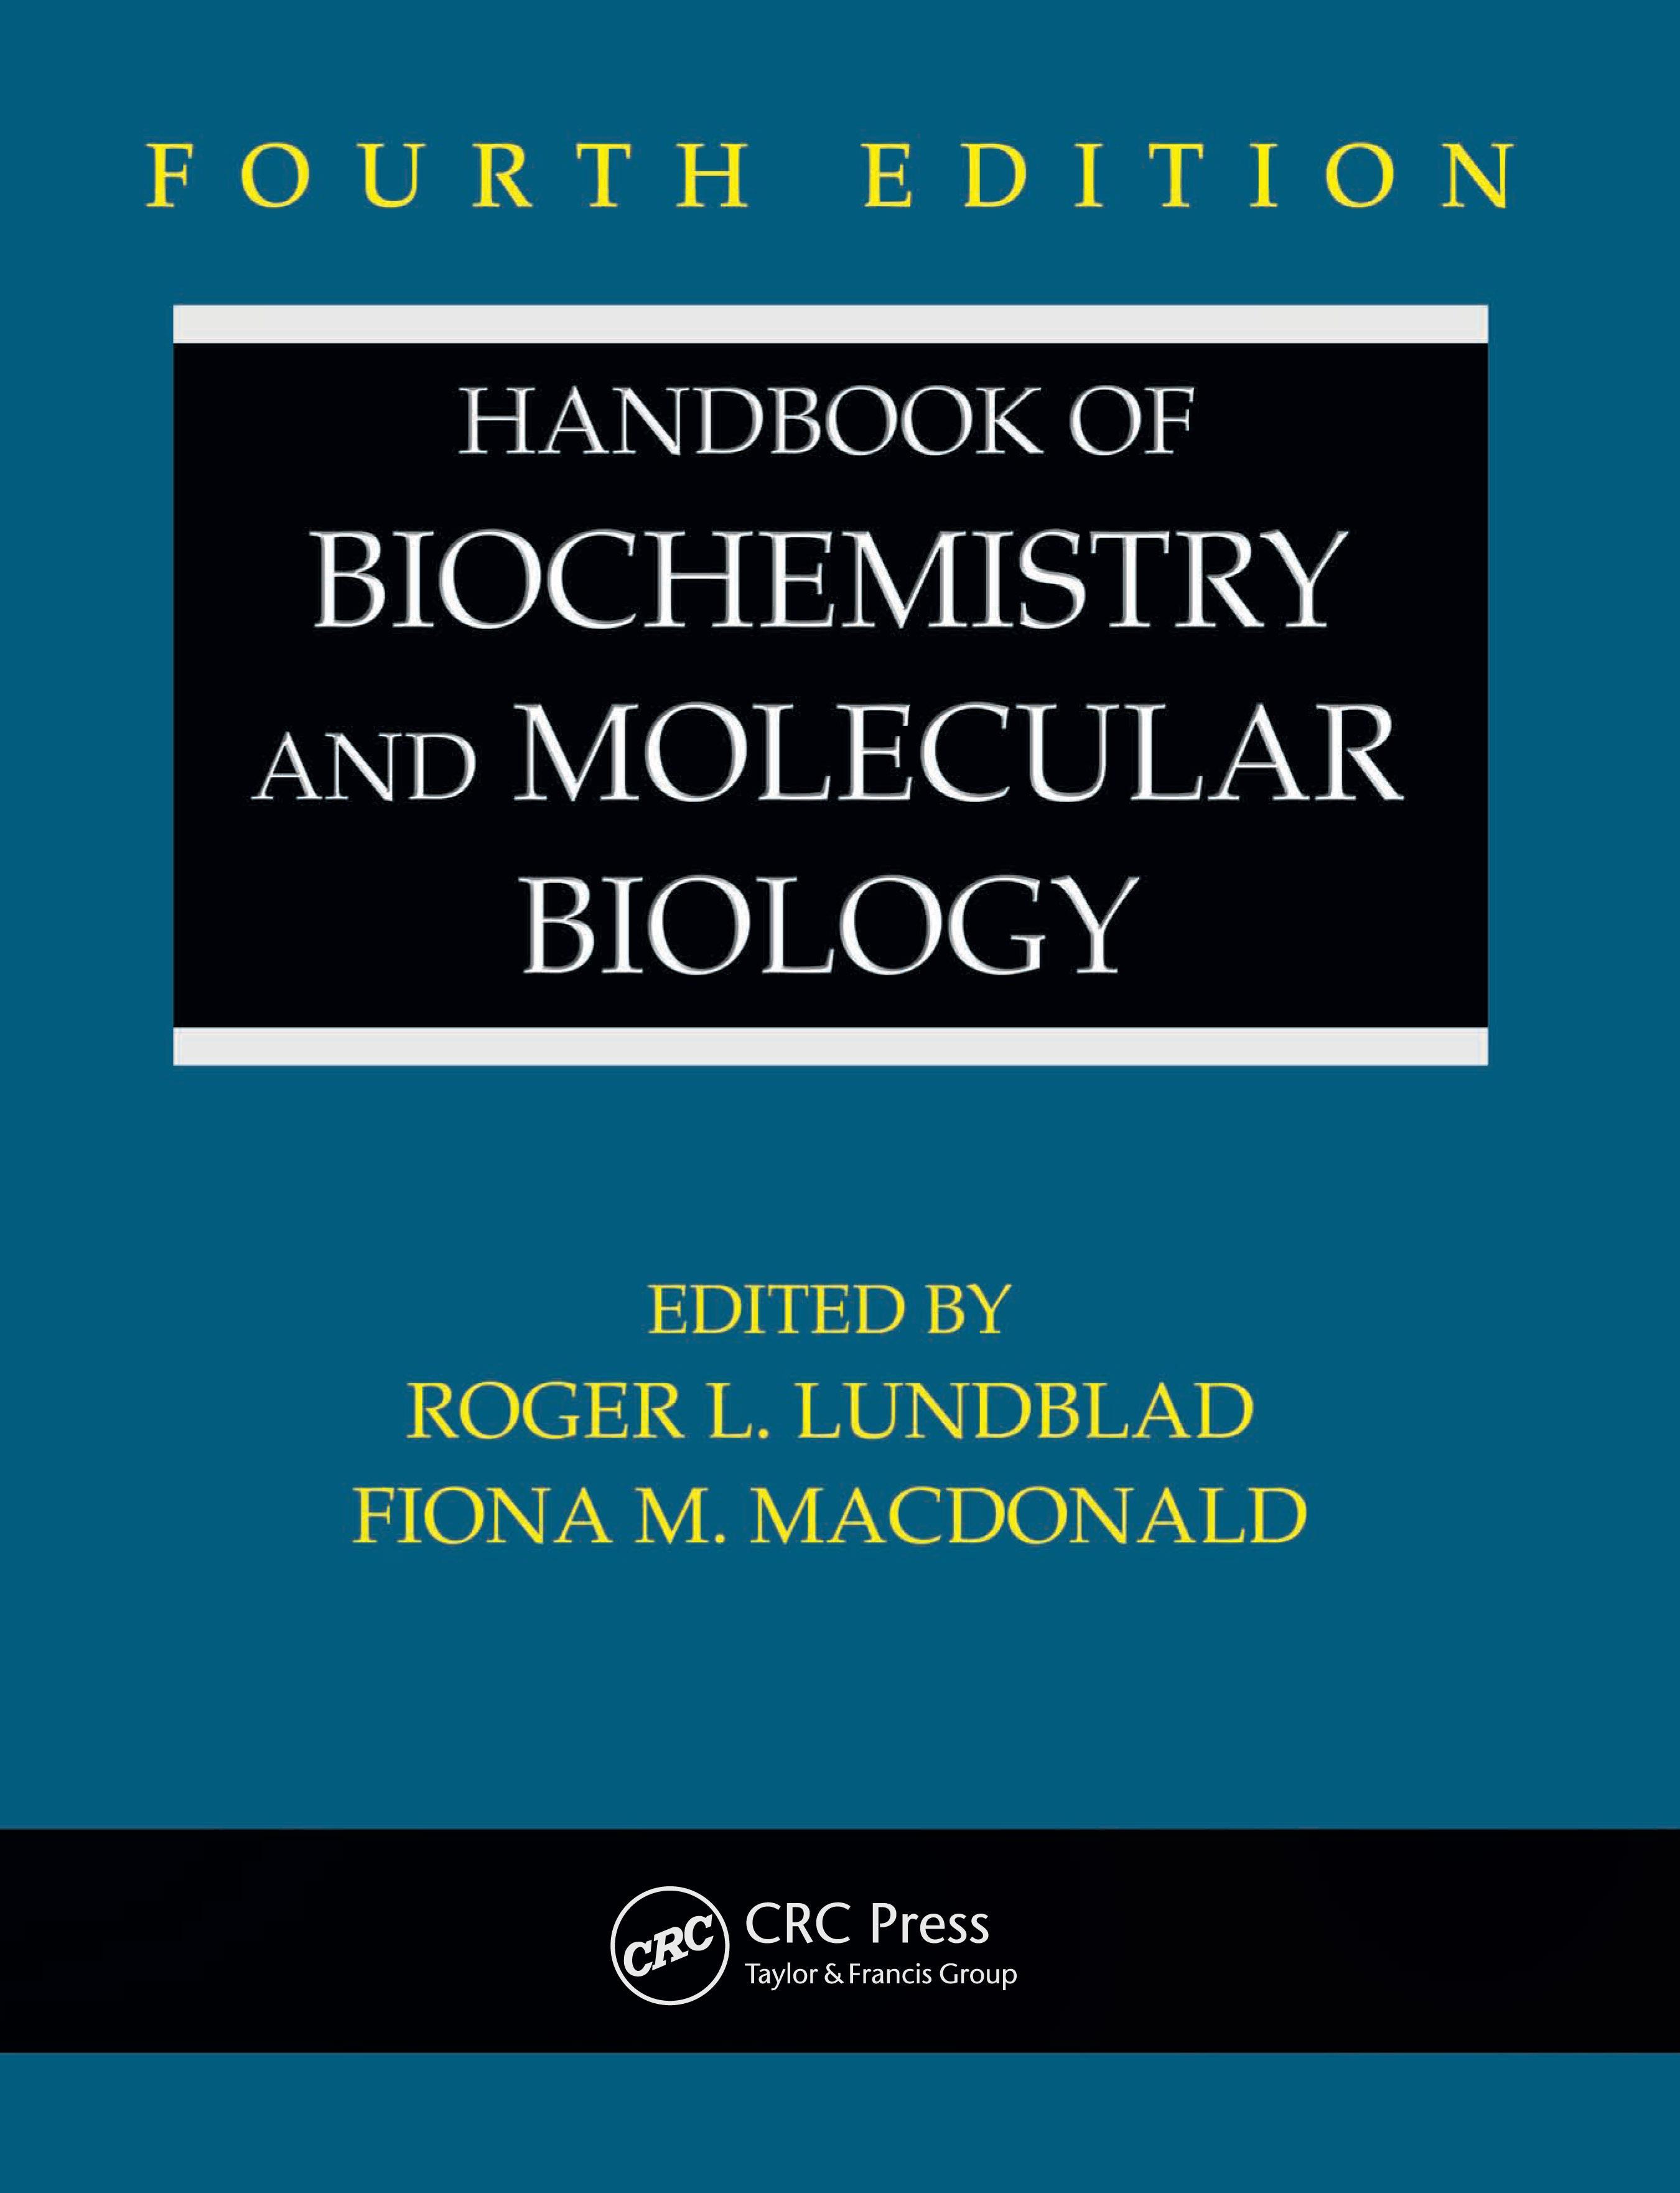 Handbook of Biochemistry and Molecular Biology, Fourth Edition EB9780849391682